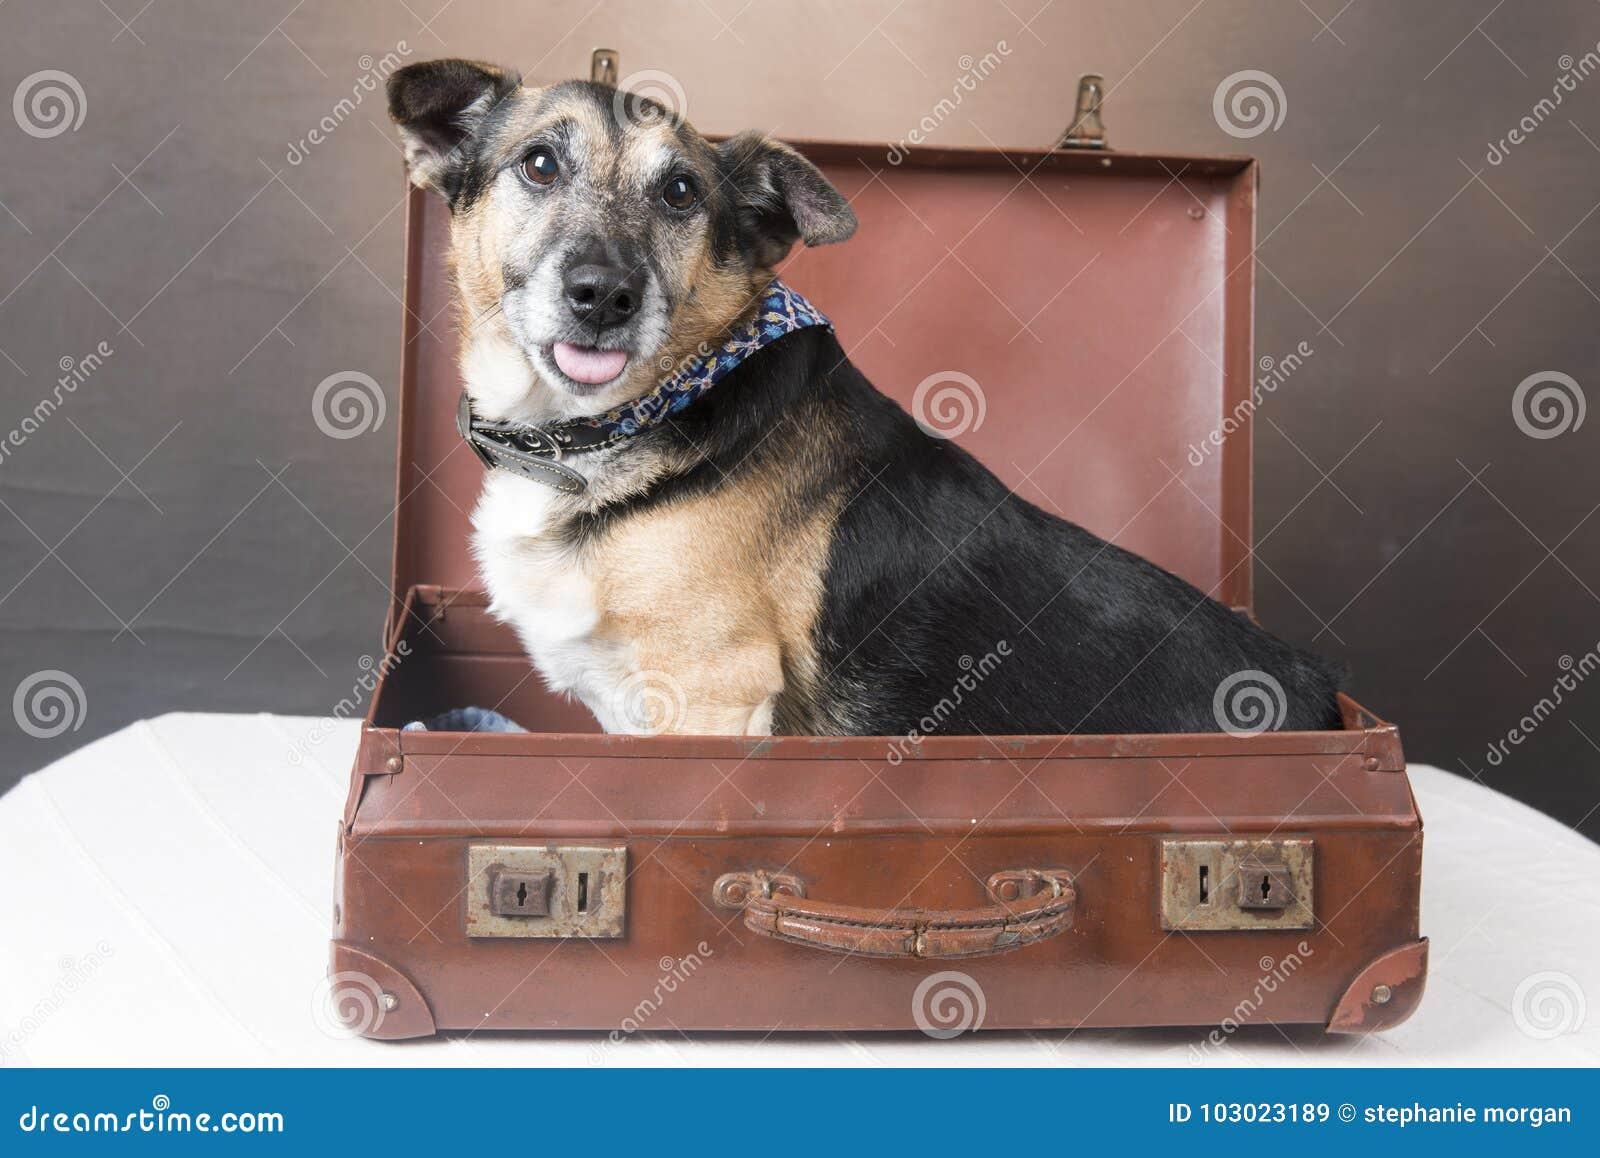 Le corgi mignon poursuit se reposer à l intérieur d une valise avec sa langue